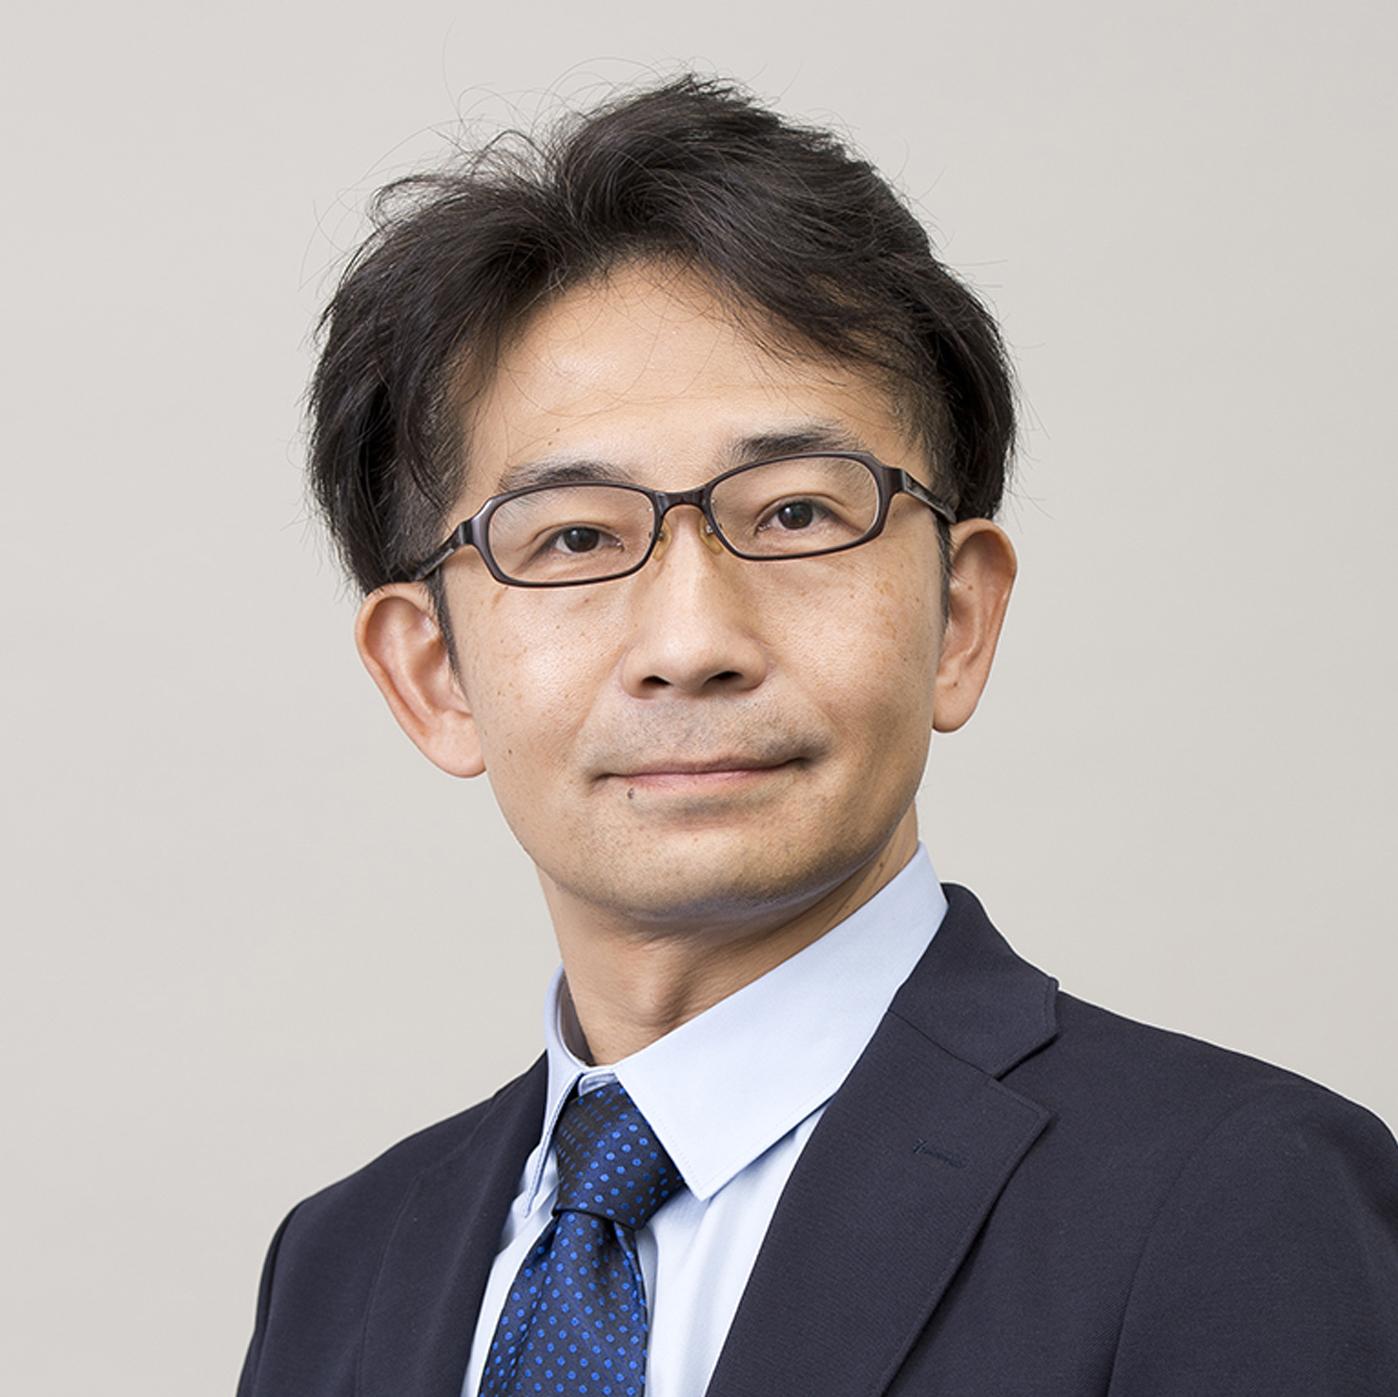 主席研究員 白銀 究 Kiwamu Shirogane